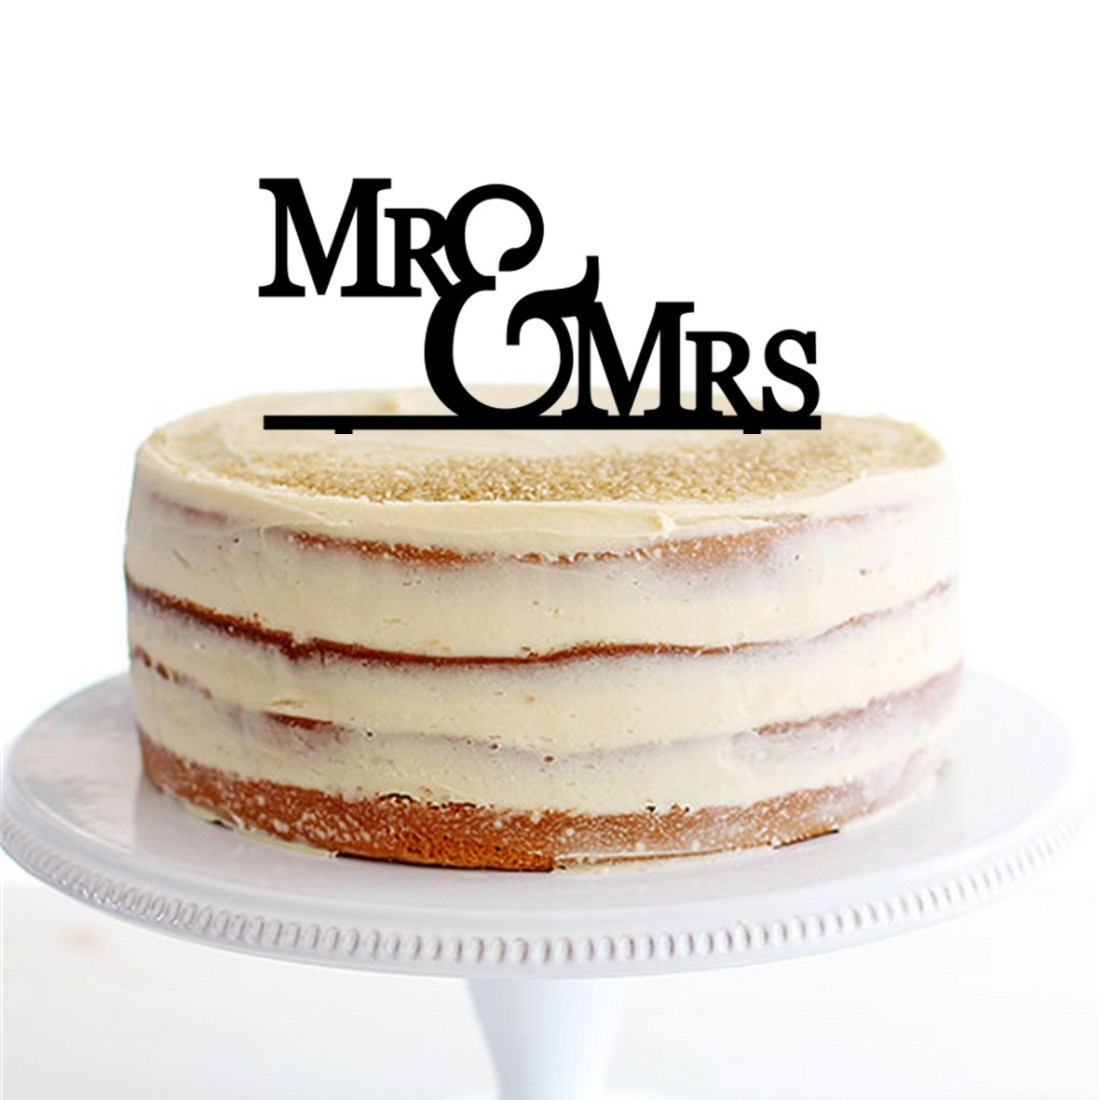 Stepped Mr & Mrs Cake Topper